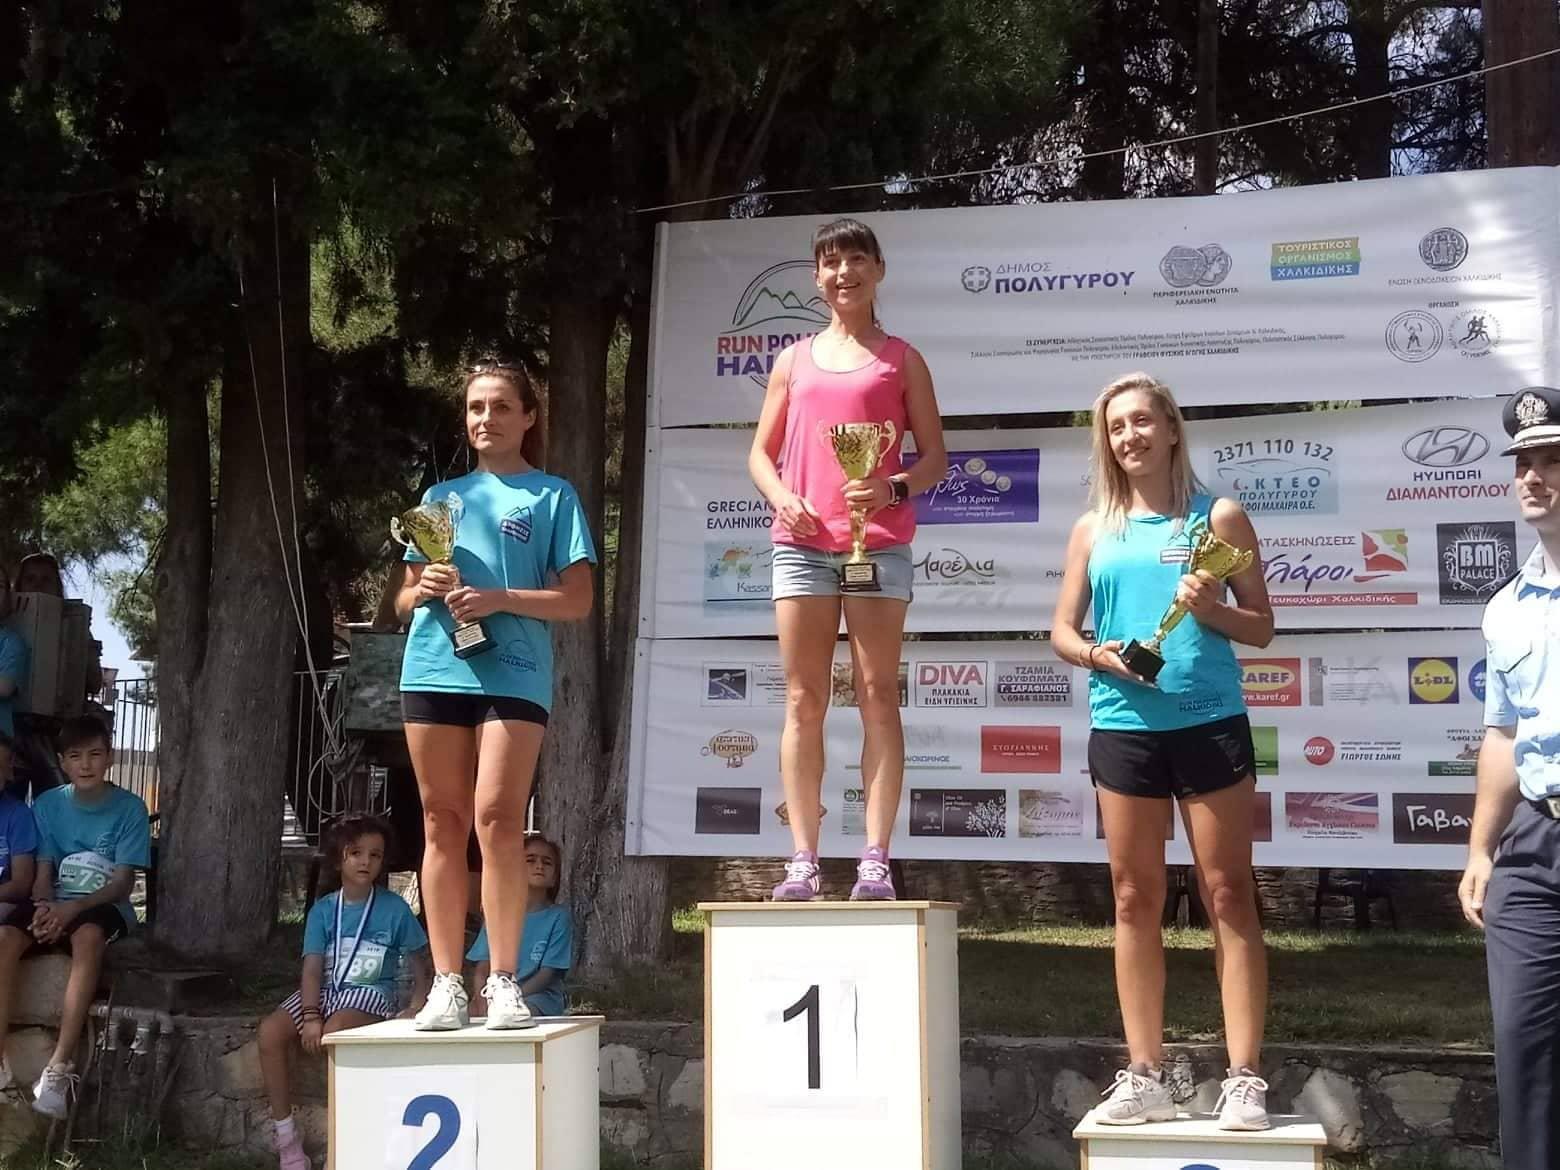 """Πρωτιά για την Βασιλεία Παπαδοπούλου στα 14,6χλμ. και 2η θέση στα 5,2χλμ. για την Άννα Τζεβελεκοπούλου στο """"3rd Polygyros Run""""."""